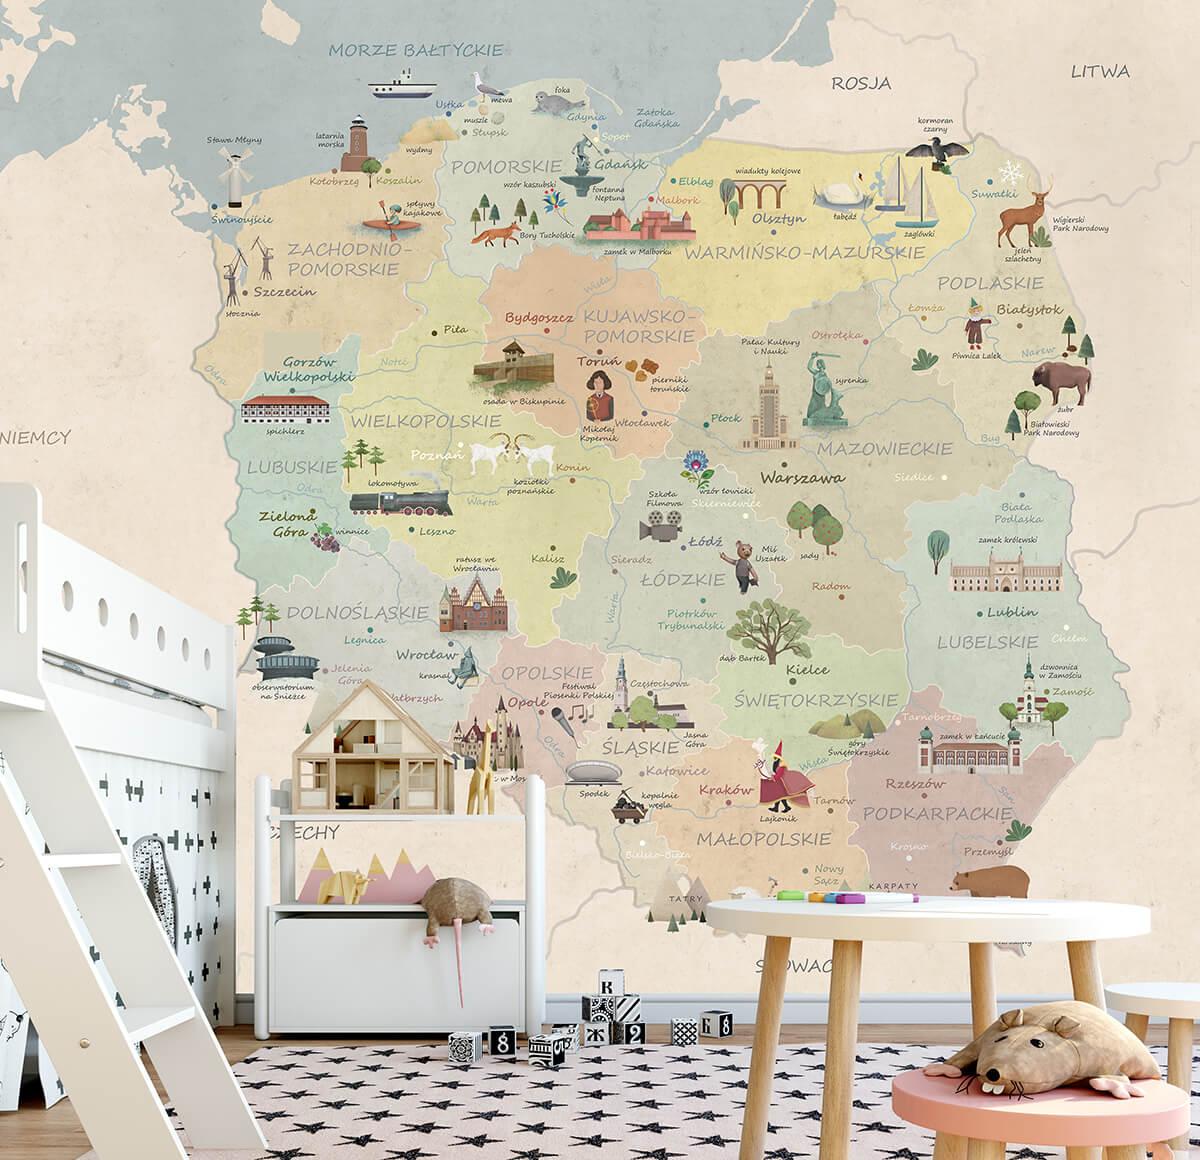 aranżacja wnętrz pokój dziecięcy - tapeta w mapę